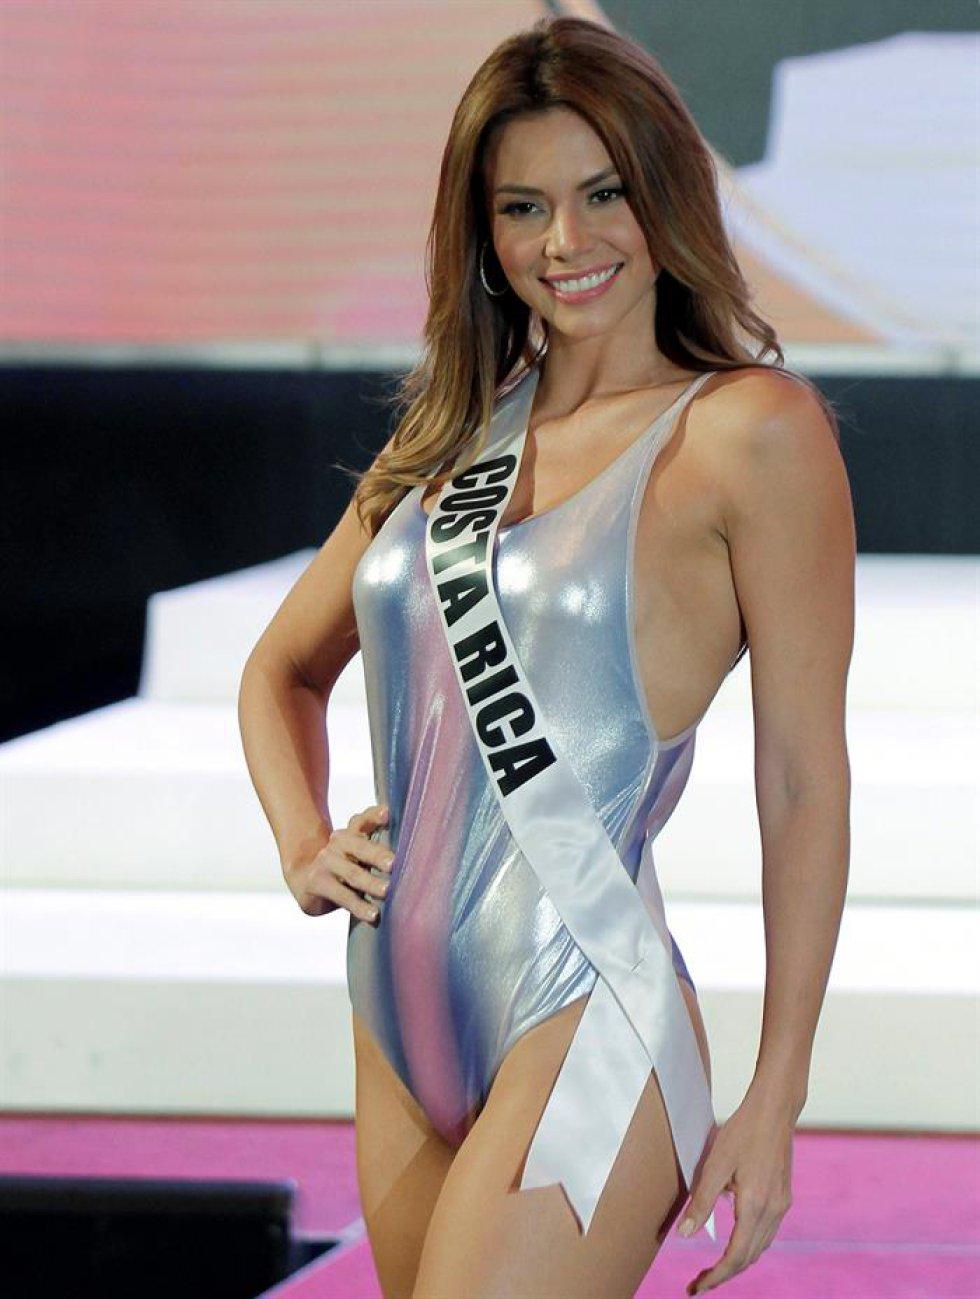 c3edd673a648f Miss Universo   Fotos  El primer desfile en traje de baño de las candidatas  a Miss Universo